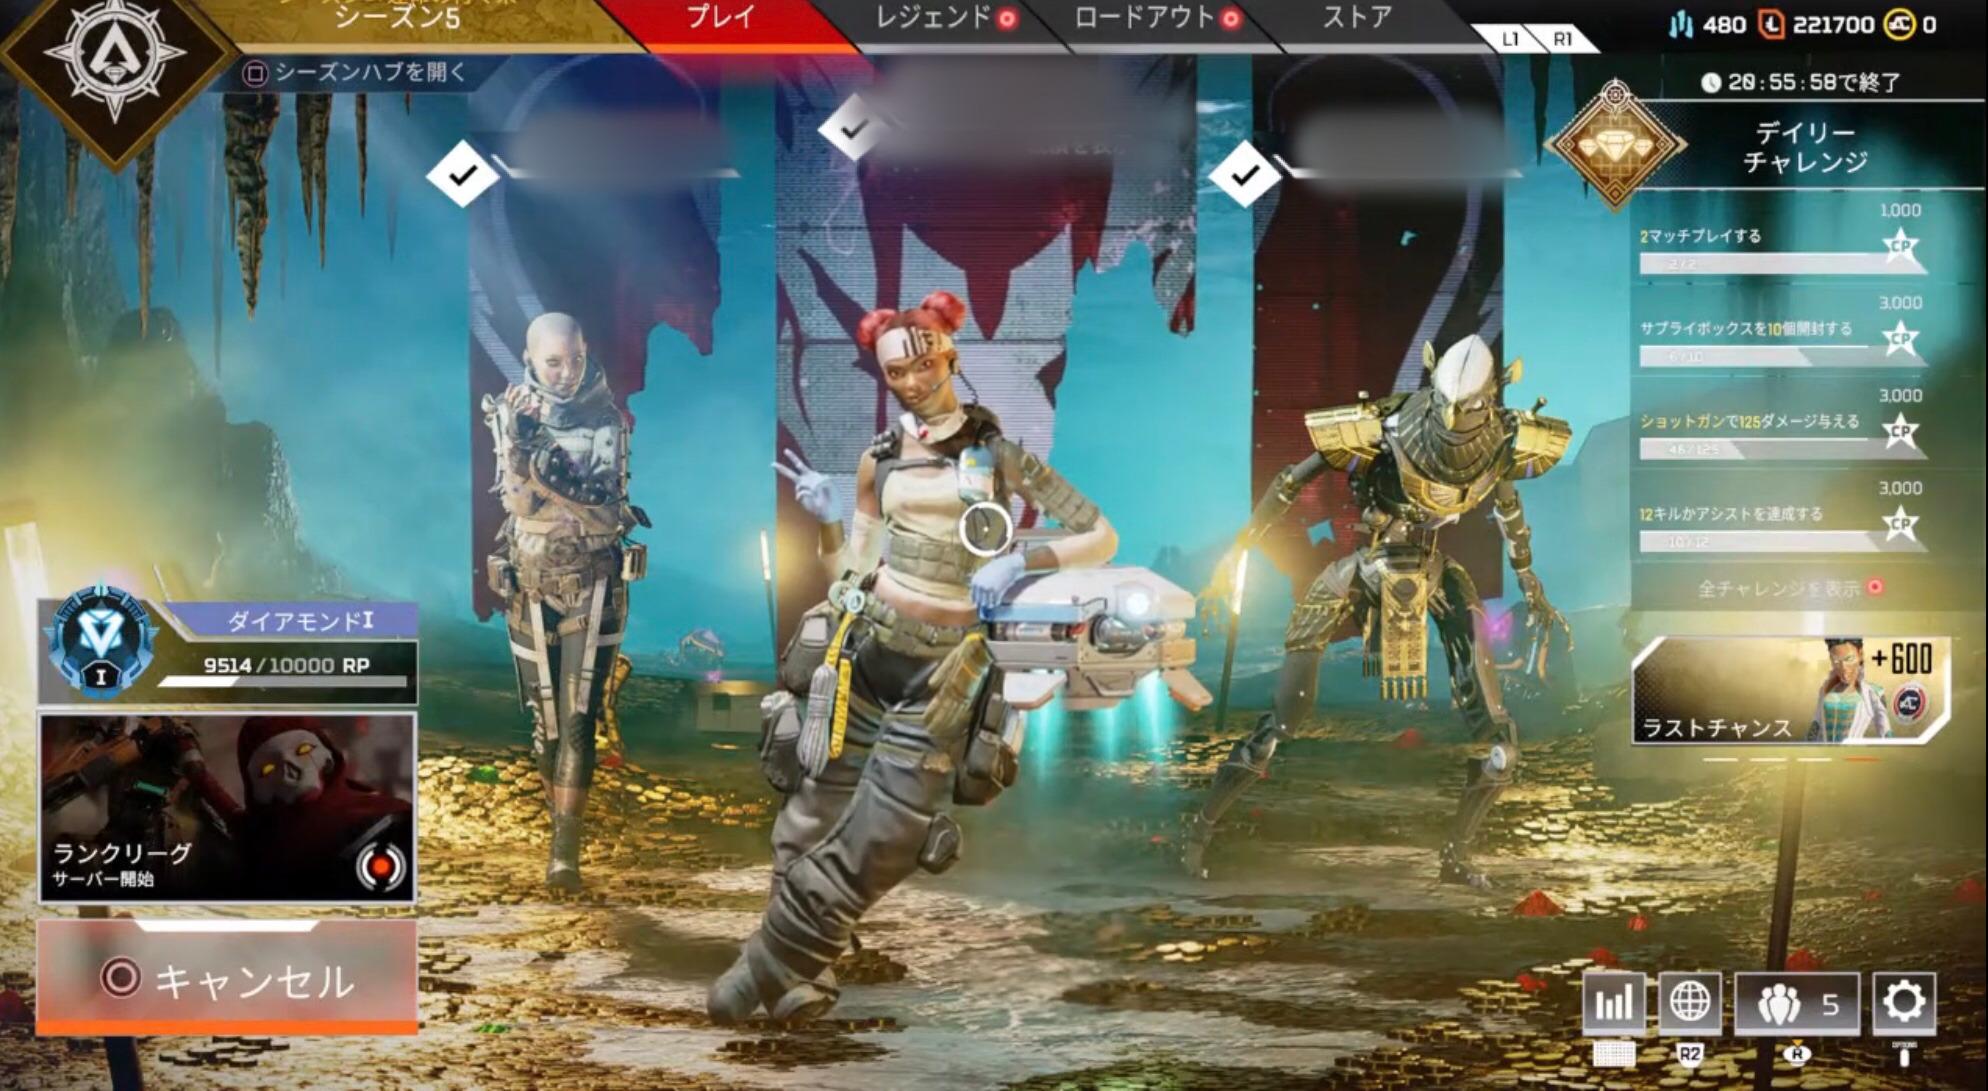 APEX LEGENDSのプレイ画面16